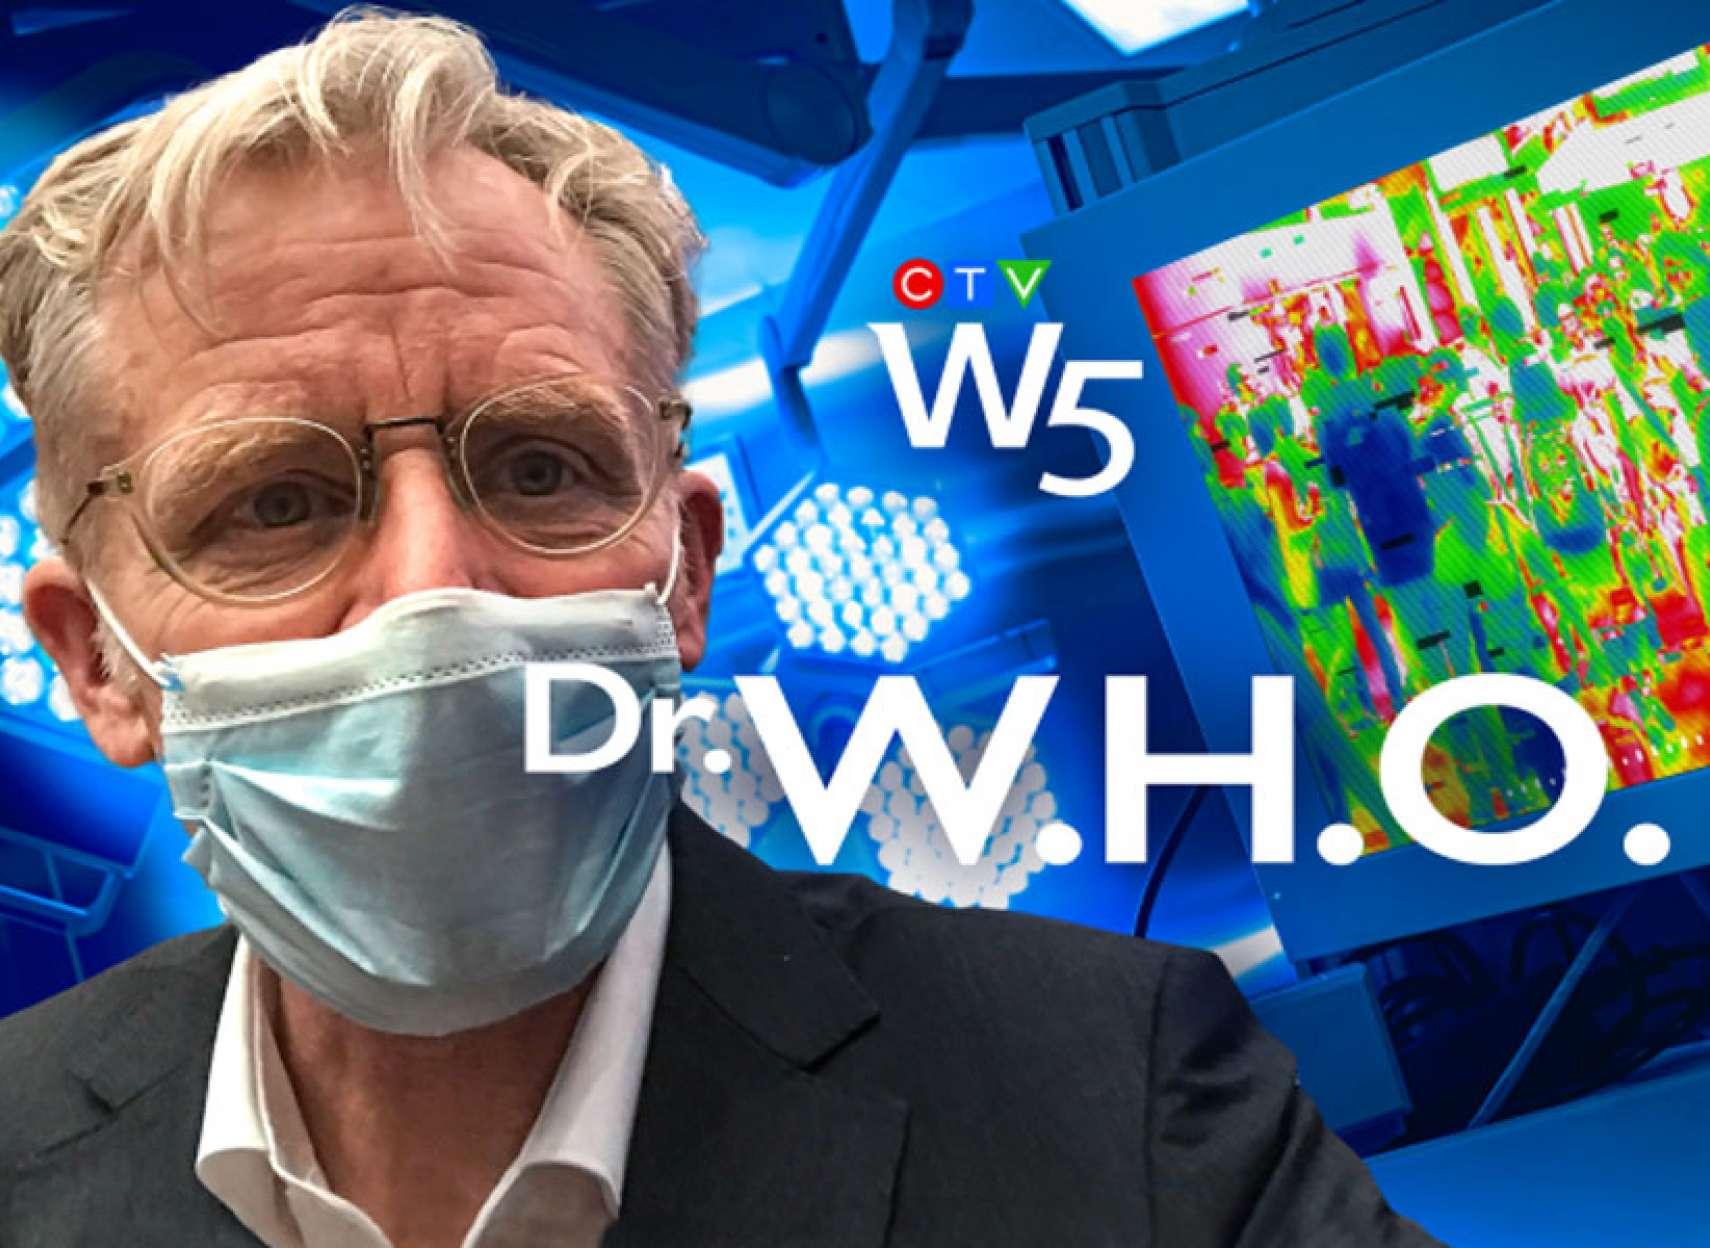 اخبار-کانادا-واقعیتهای-علمی-کرونا-به-زبان-ساده-از-کارشناس-بهداشت-جهانی